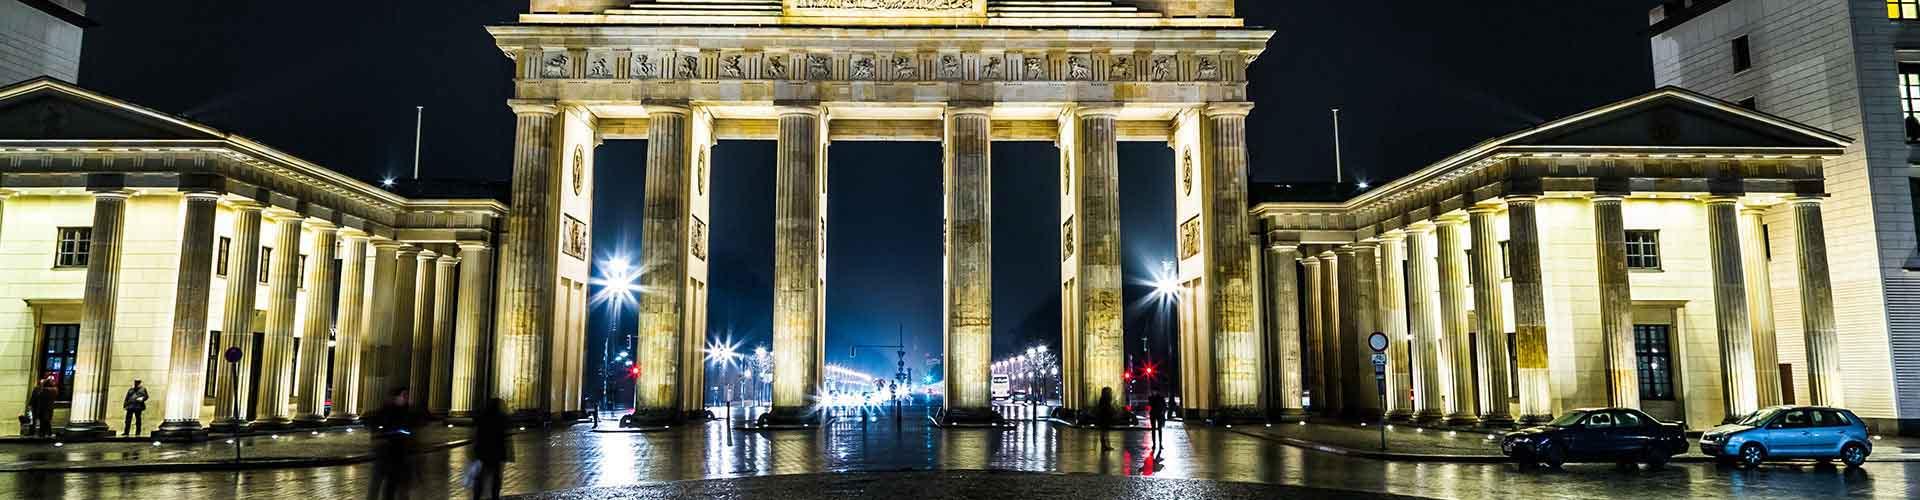 Berlín - Albergues Juveniles cerca a Puerta de Brandenburgo. Mapas de Berlín, Fotos y Comentarios para cada Albergue Juvenil en Berlín.